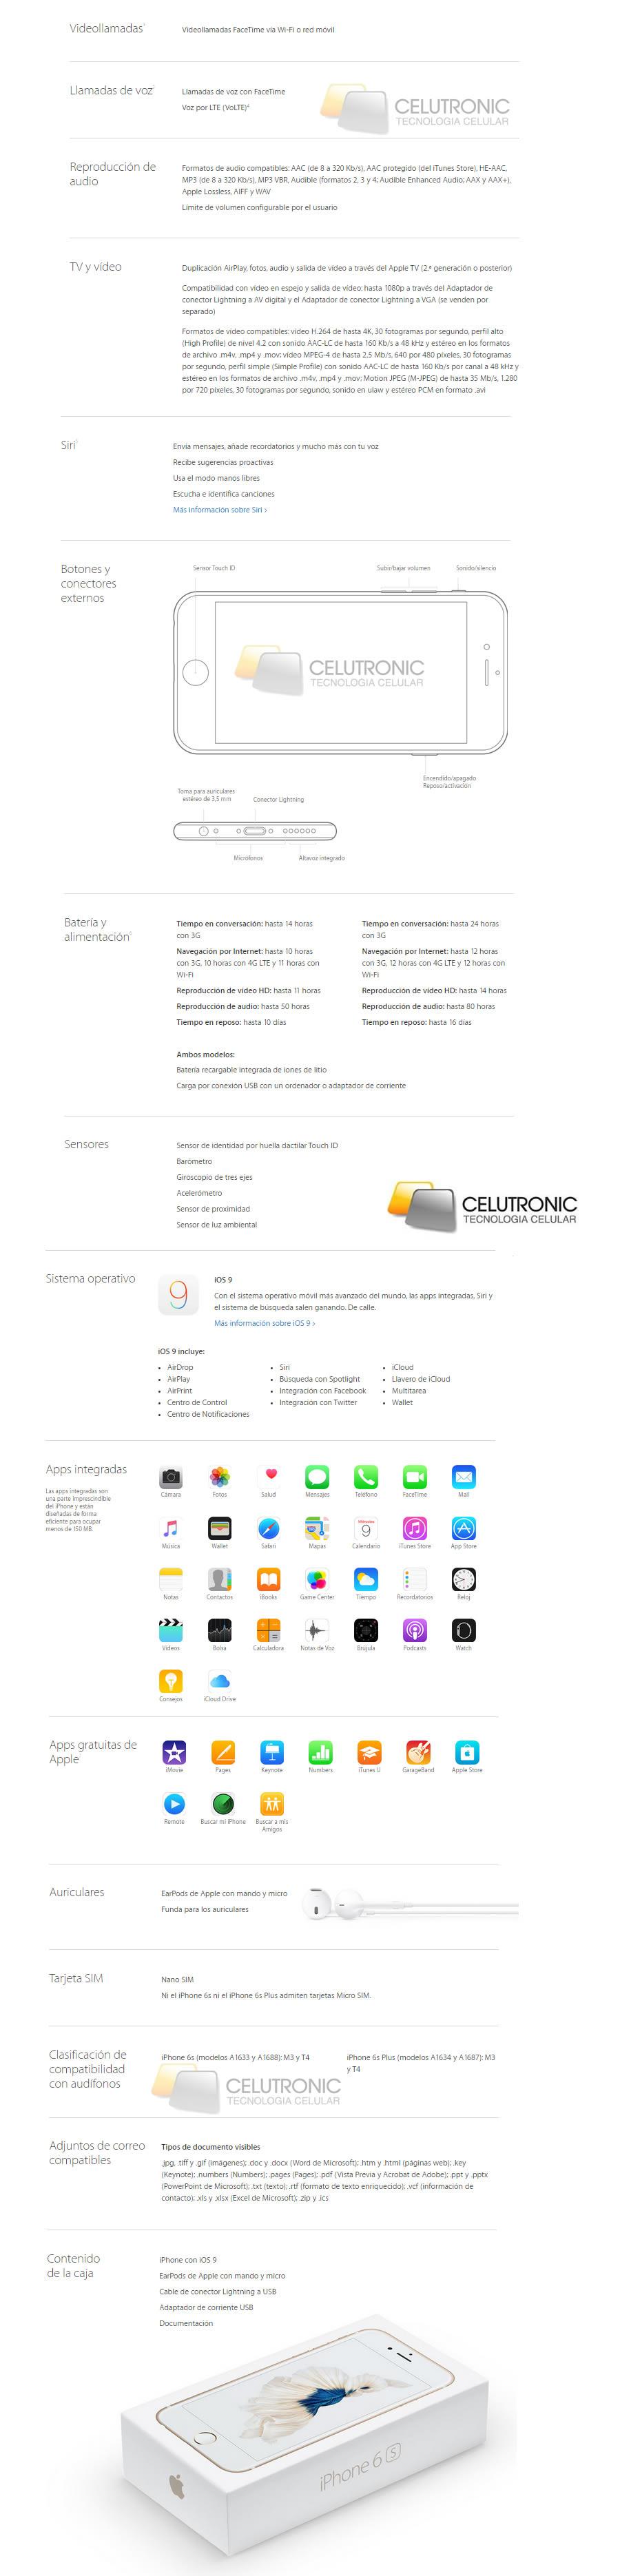 iphone s especificaciones argentina